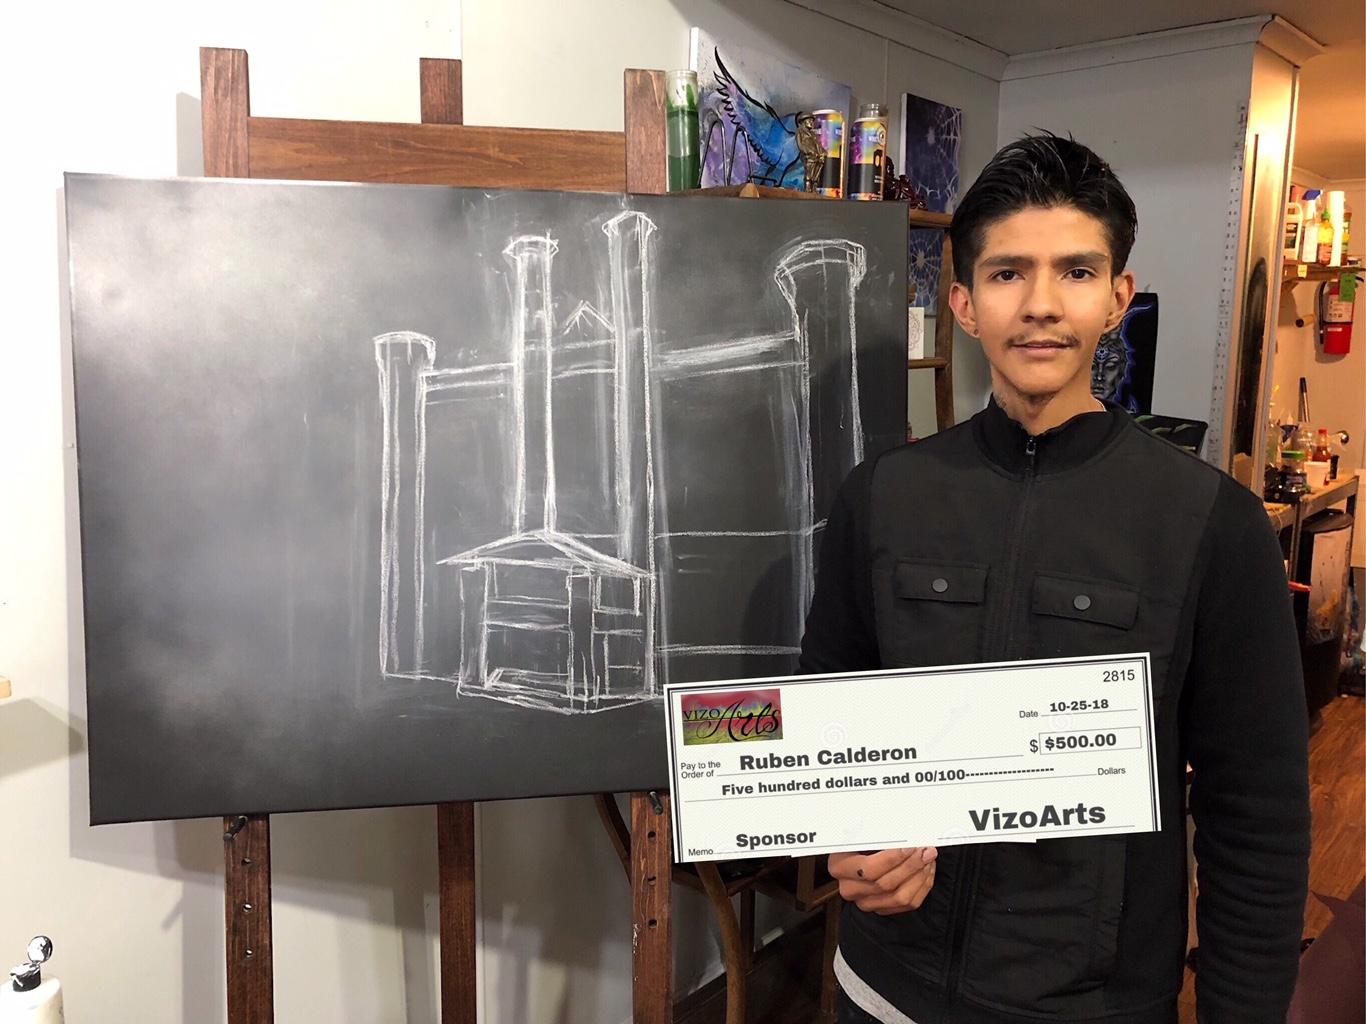 VizoArts sponsored  Ruben Calderon's  art show on November 10, 2018